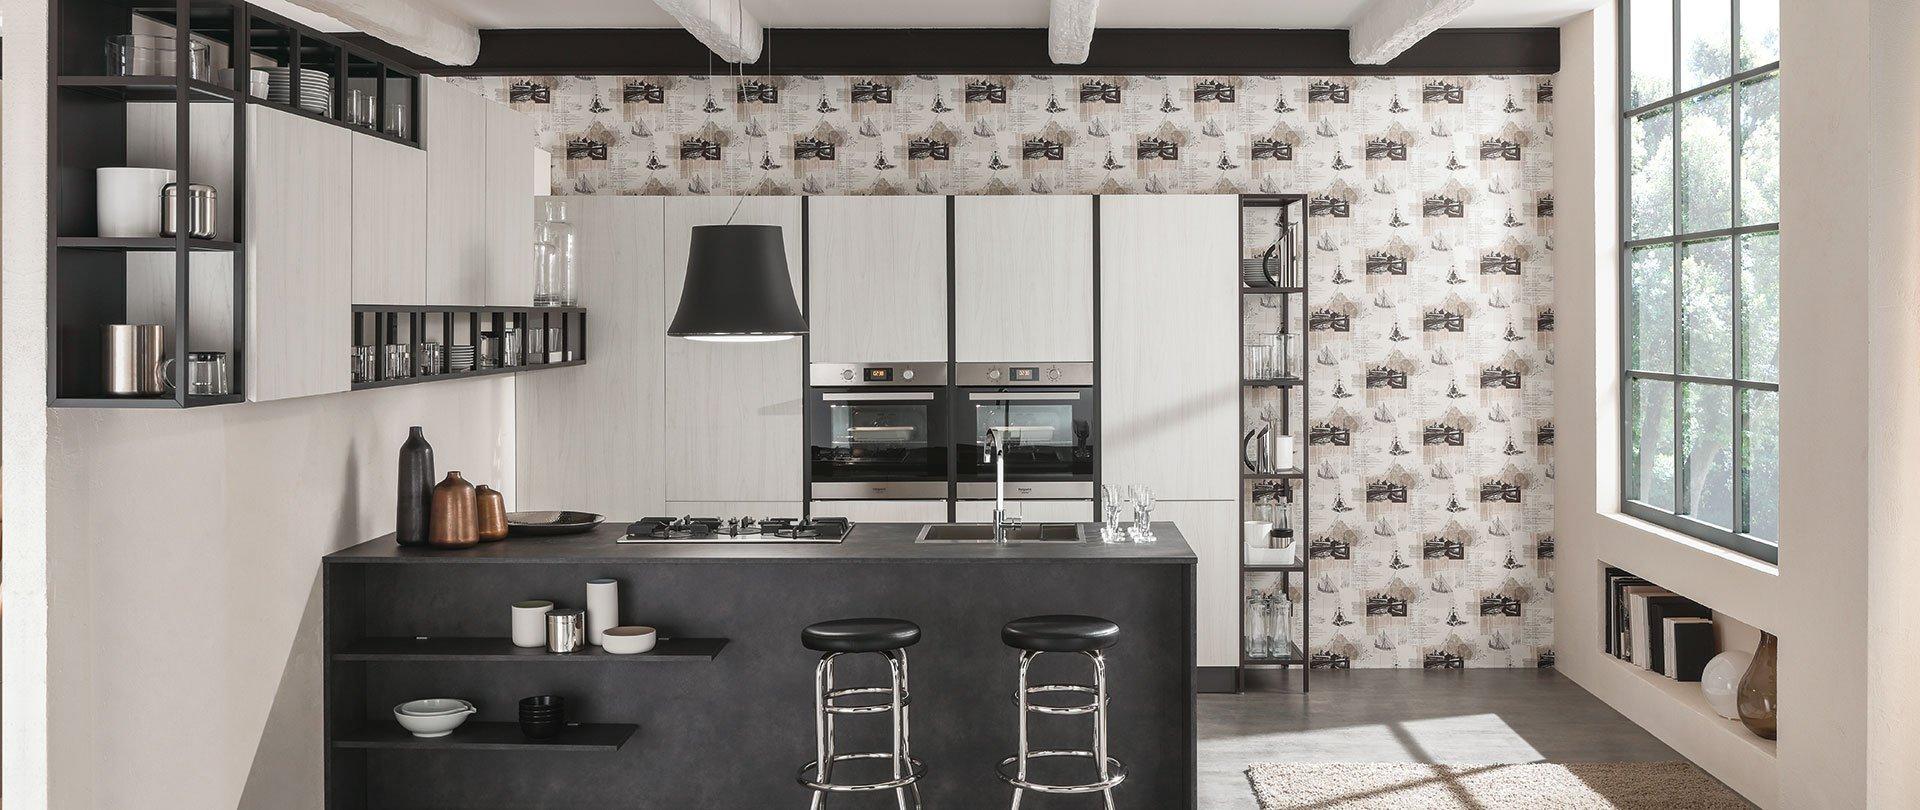 Cucine moderne casa mid - Cucine classiche moderne foto ...